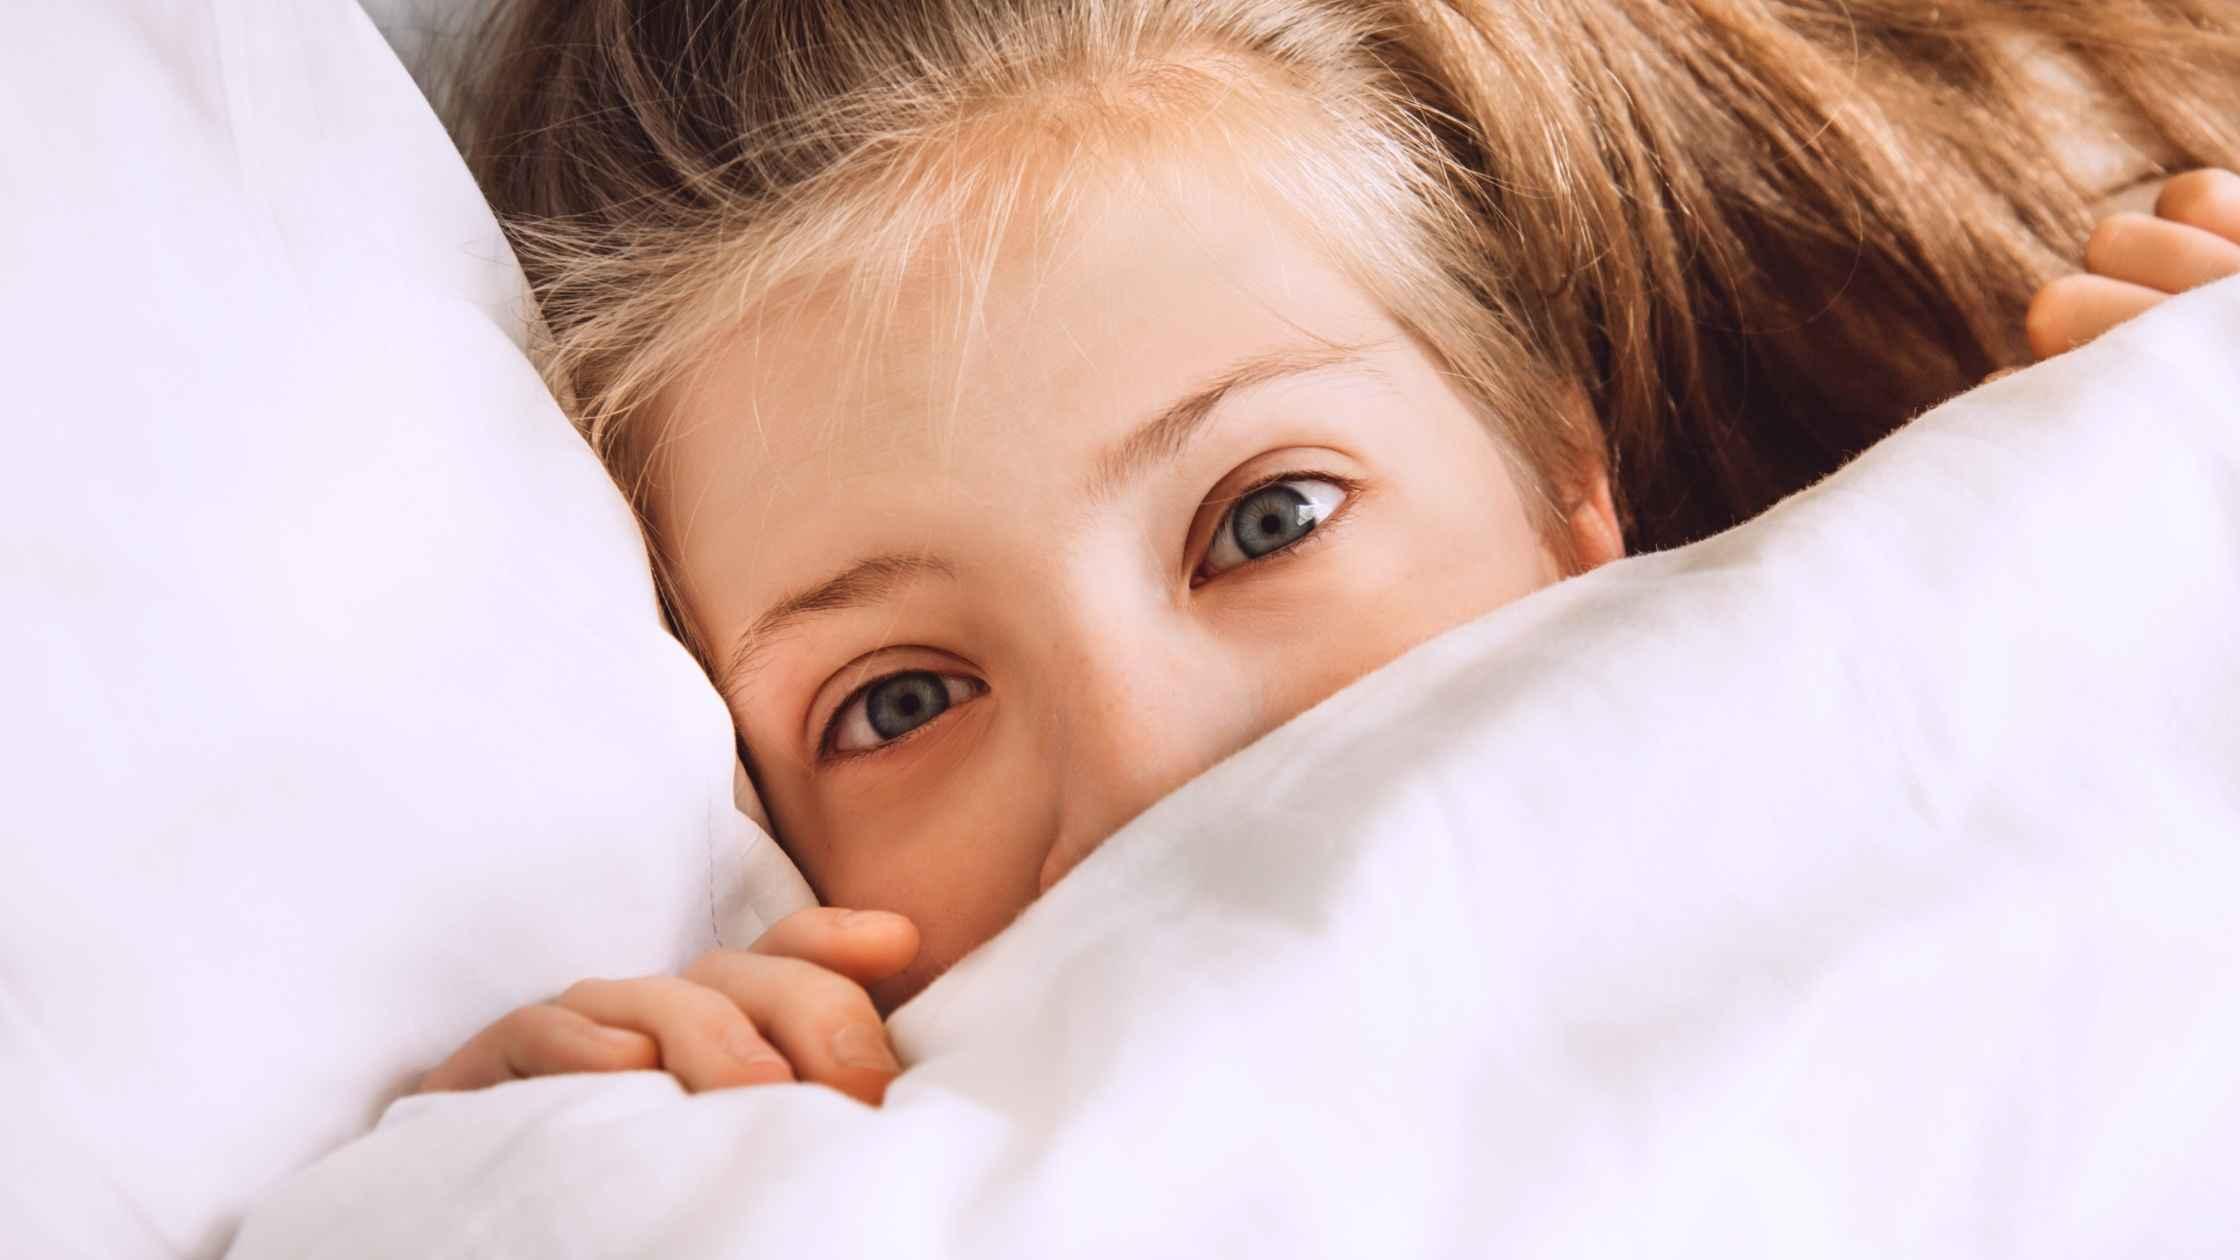 Welk kinderdekbed past bij mijn kind?